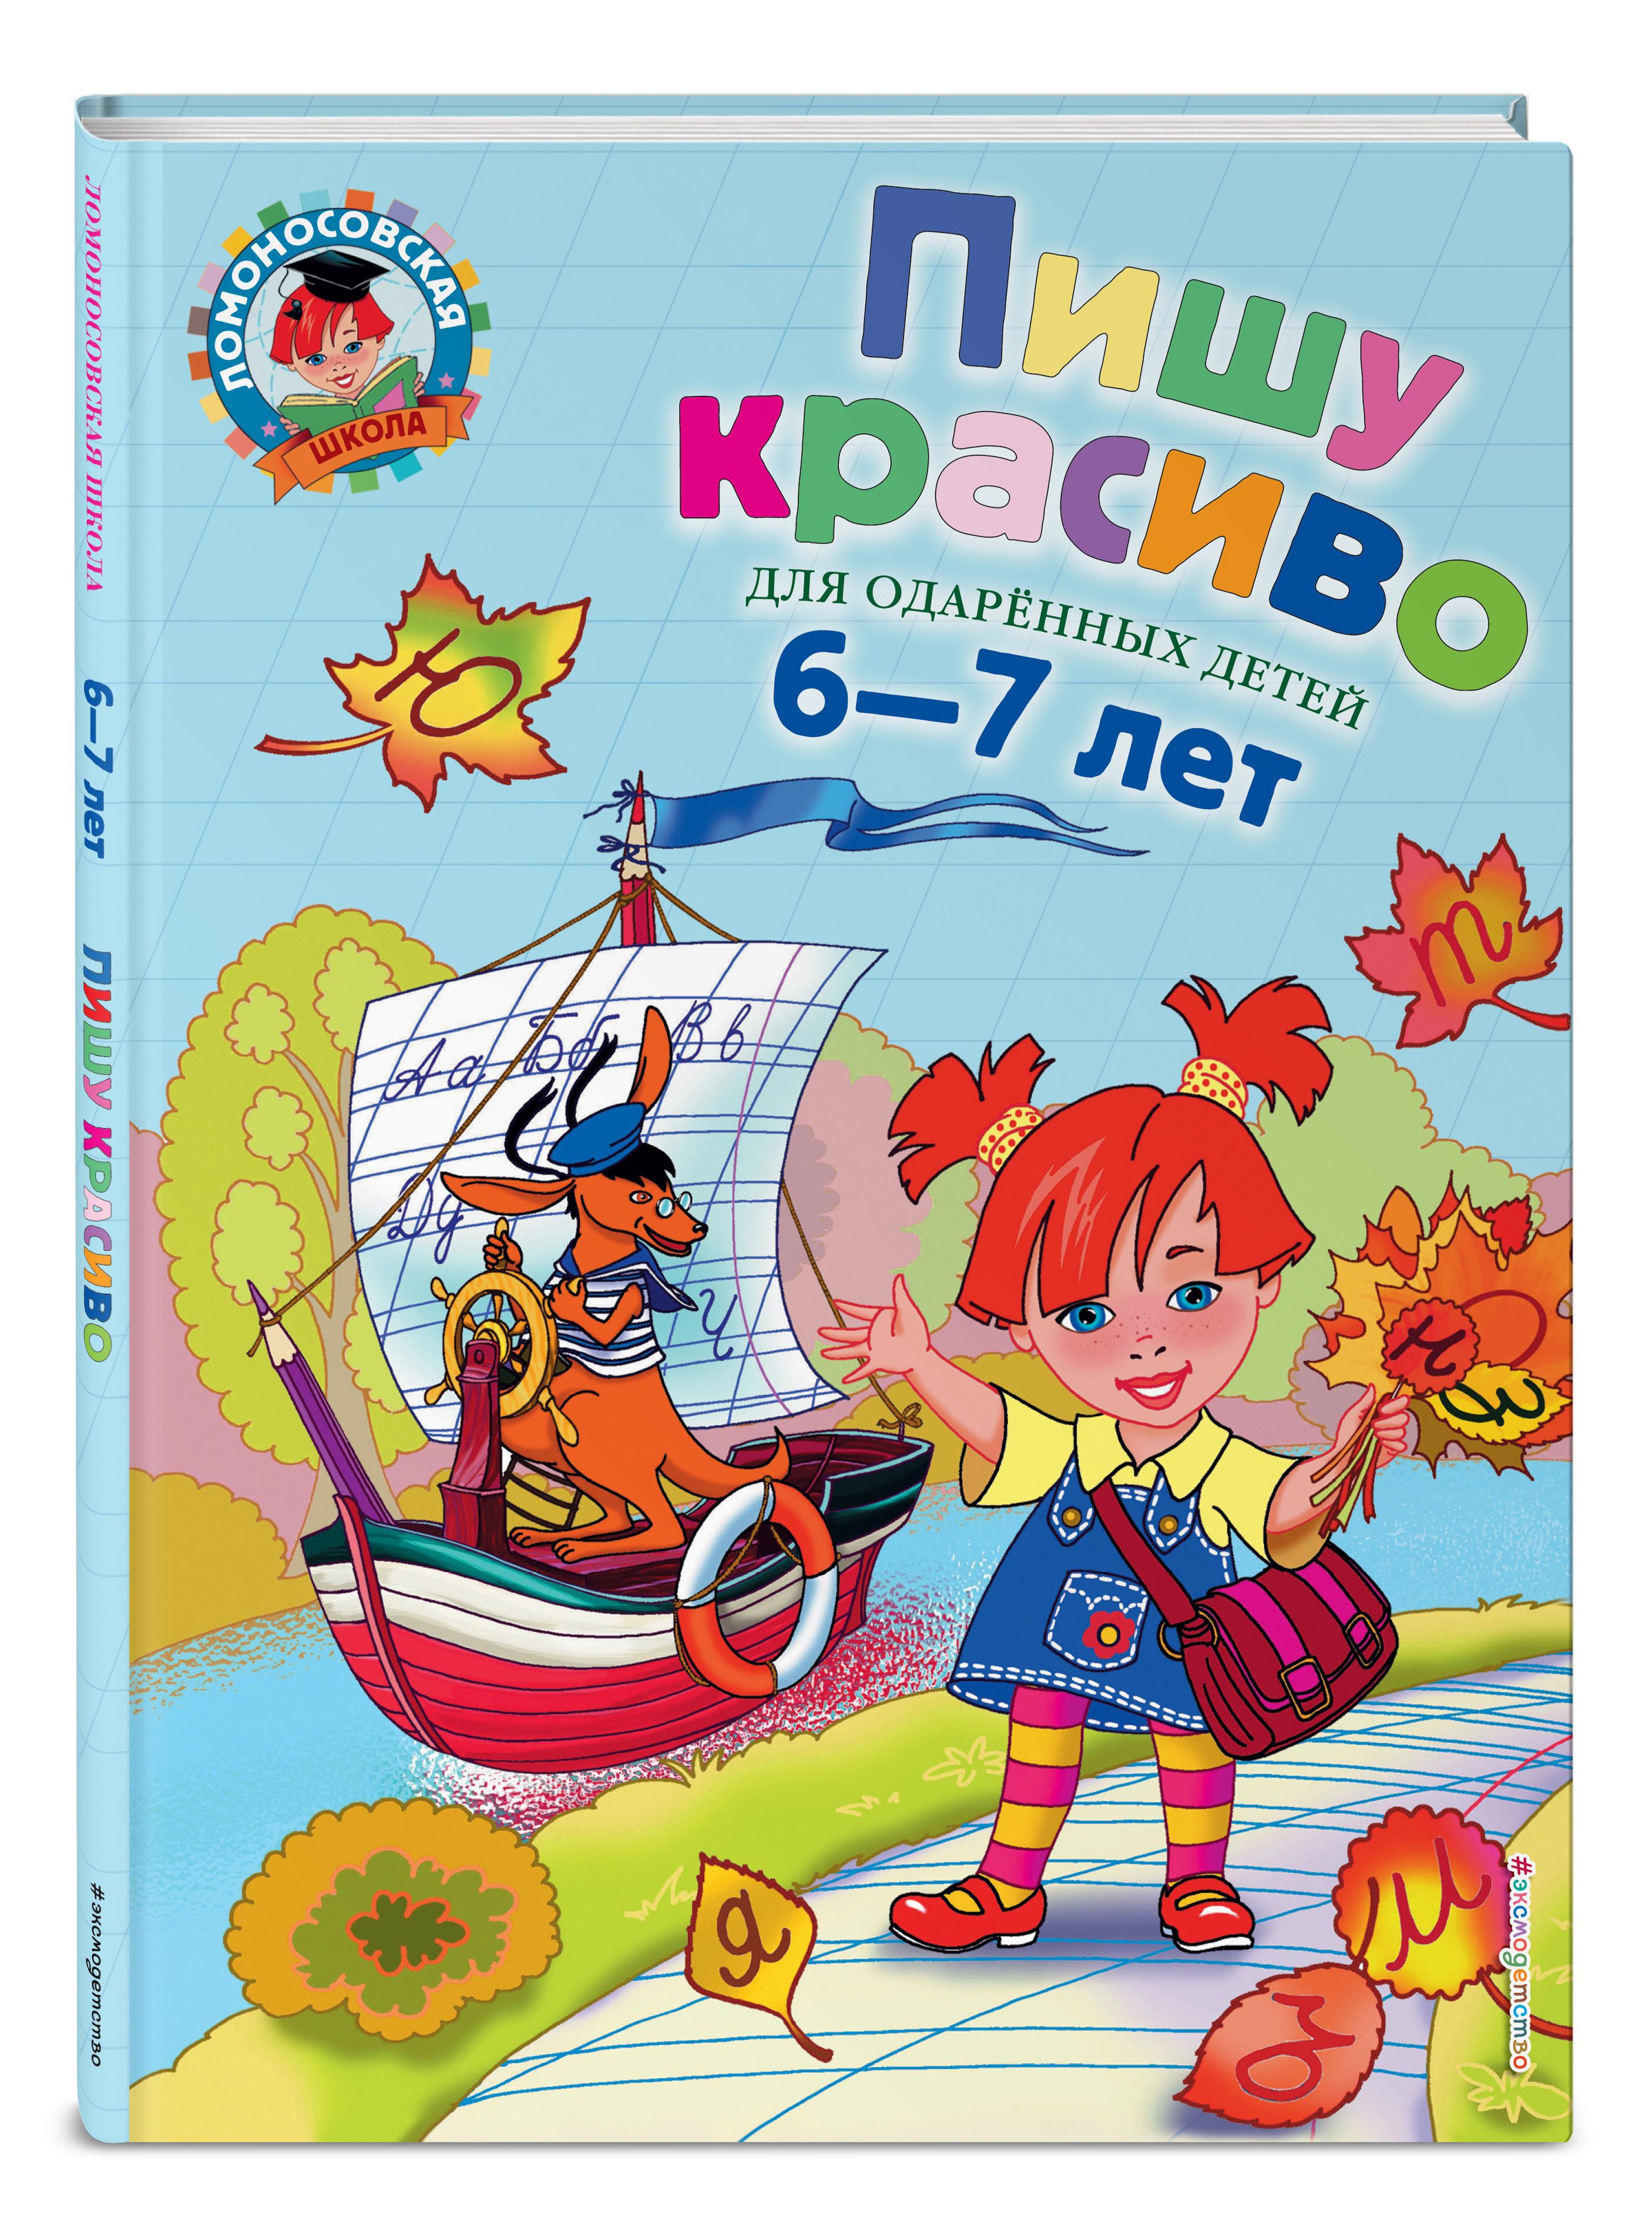 Володина Н.В. Пишу красиво: для детей 6-7 лет